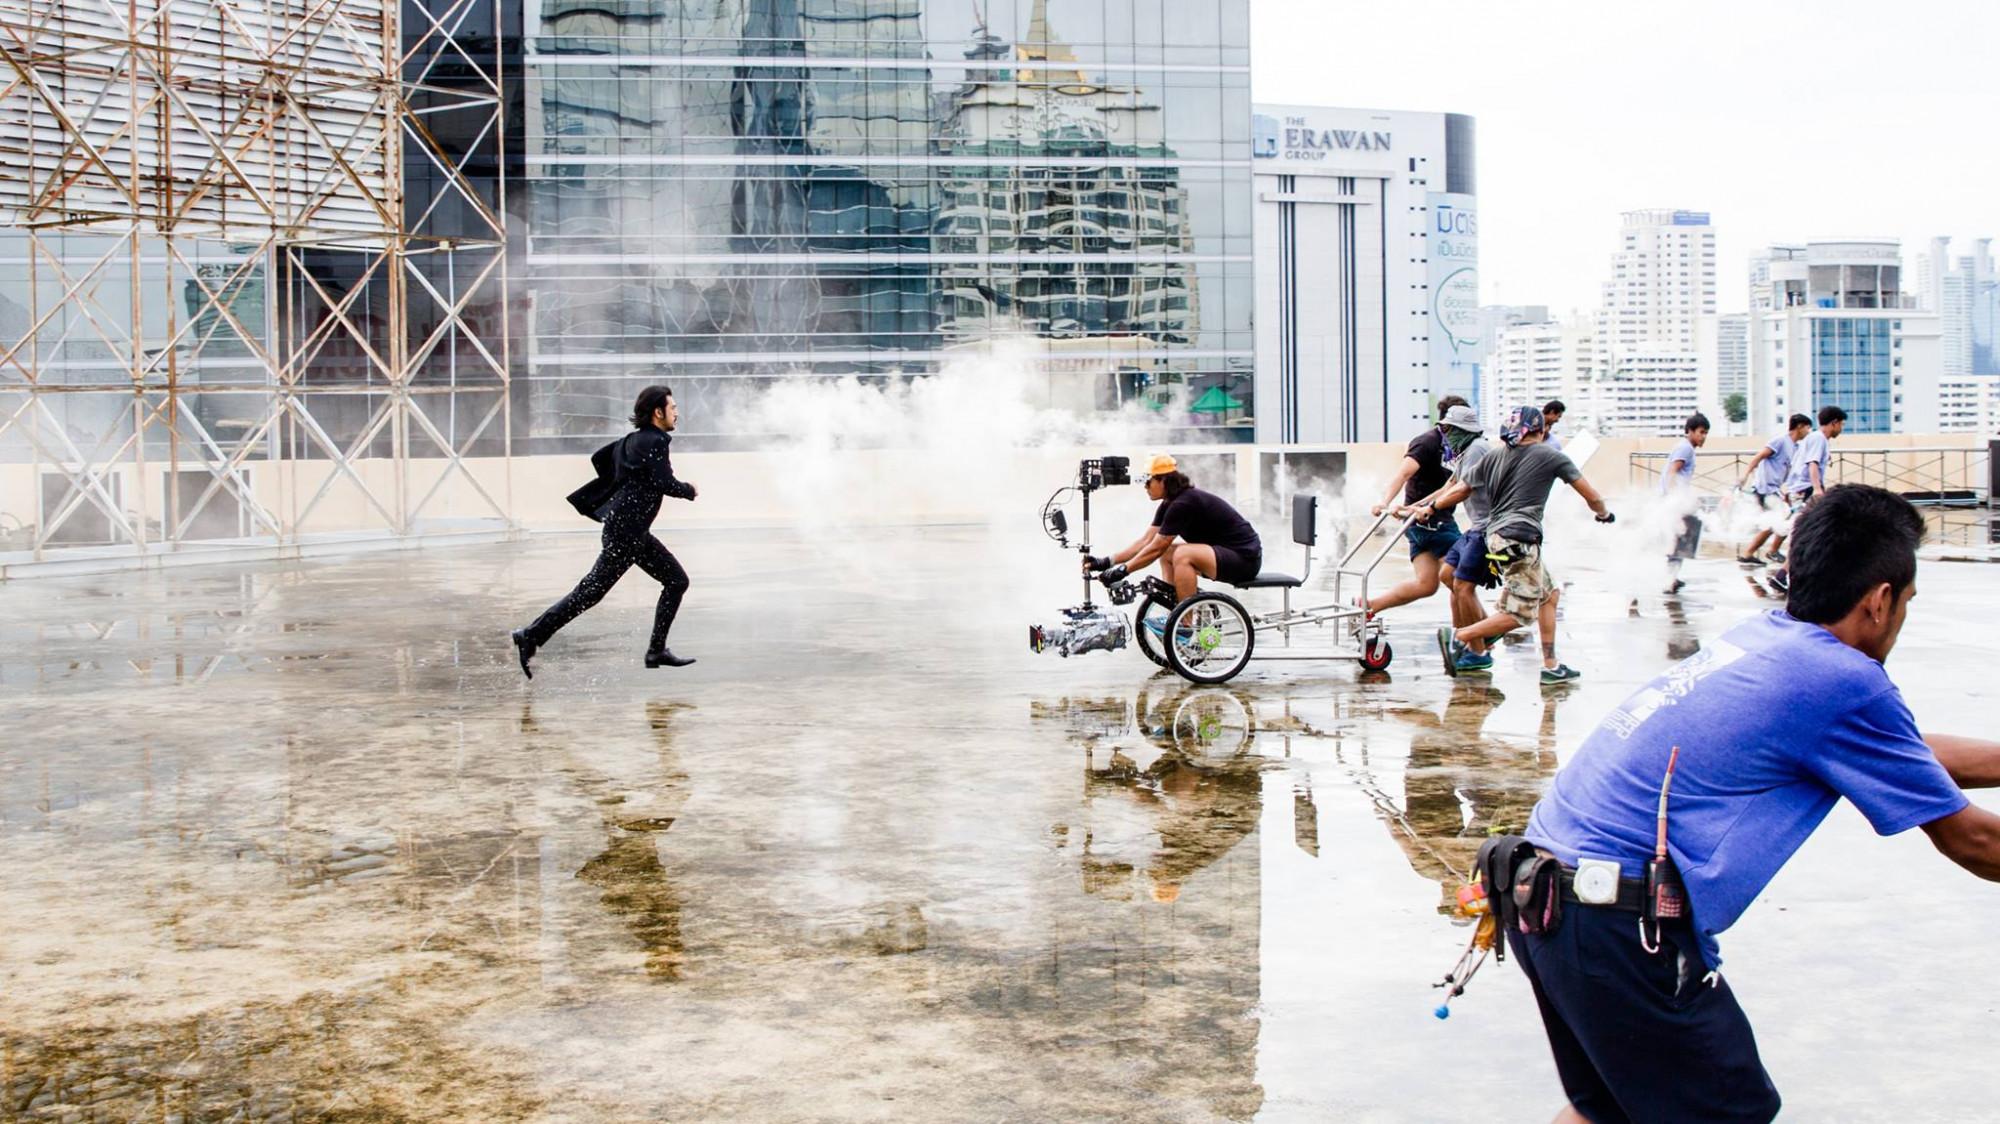 Thái Lan trở thành điểm đến hàng đầu các nhà làm phim quốc tế tại Đông Nam Á.